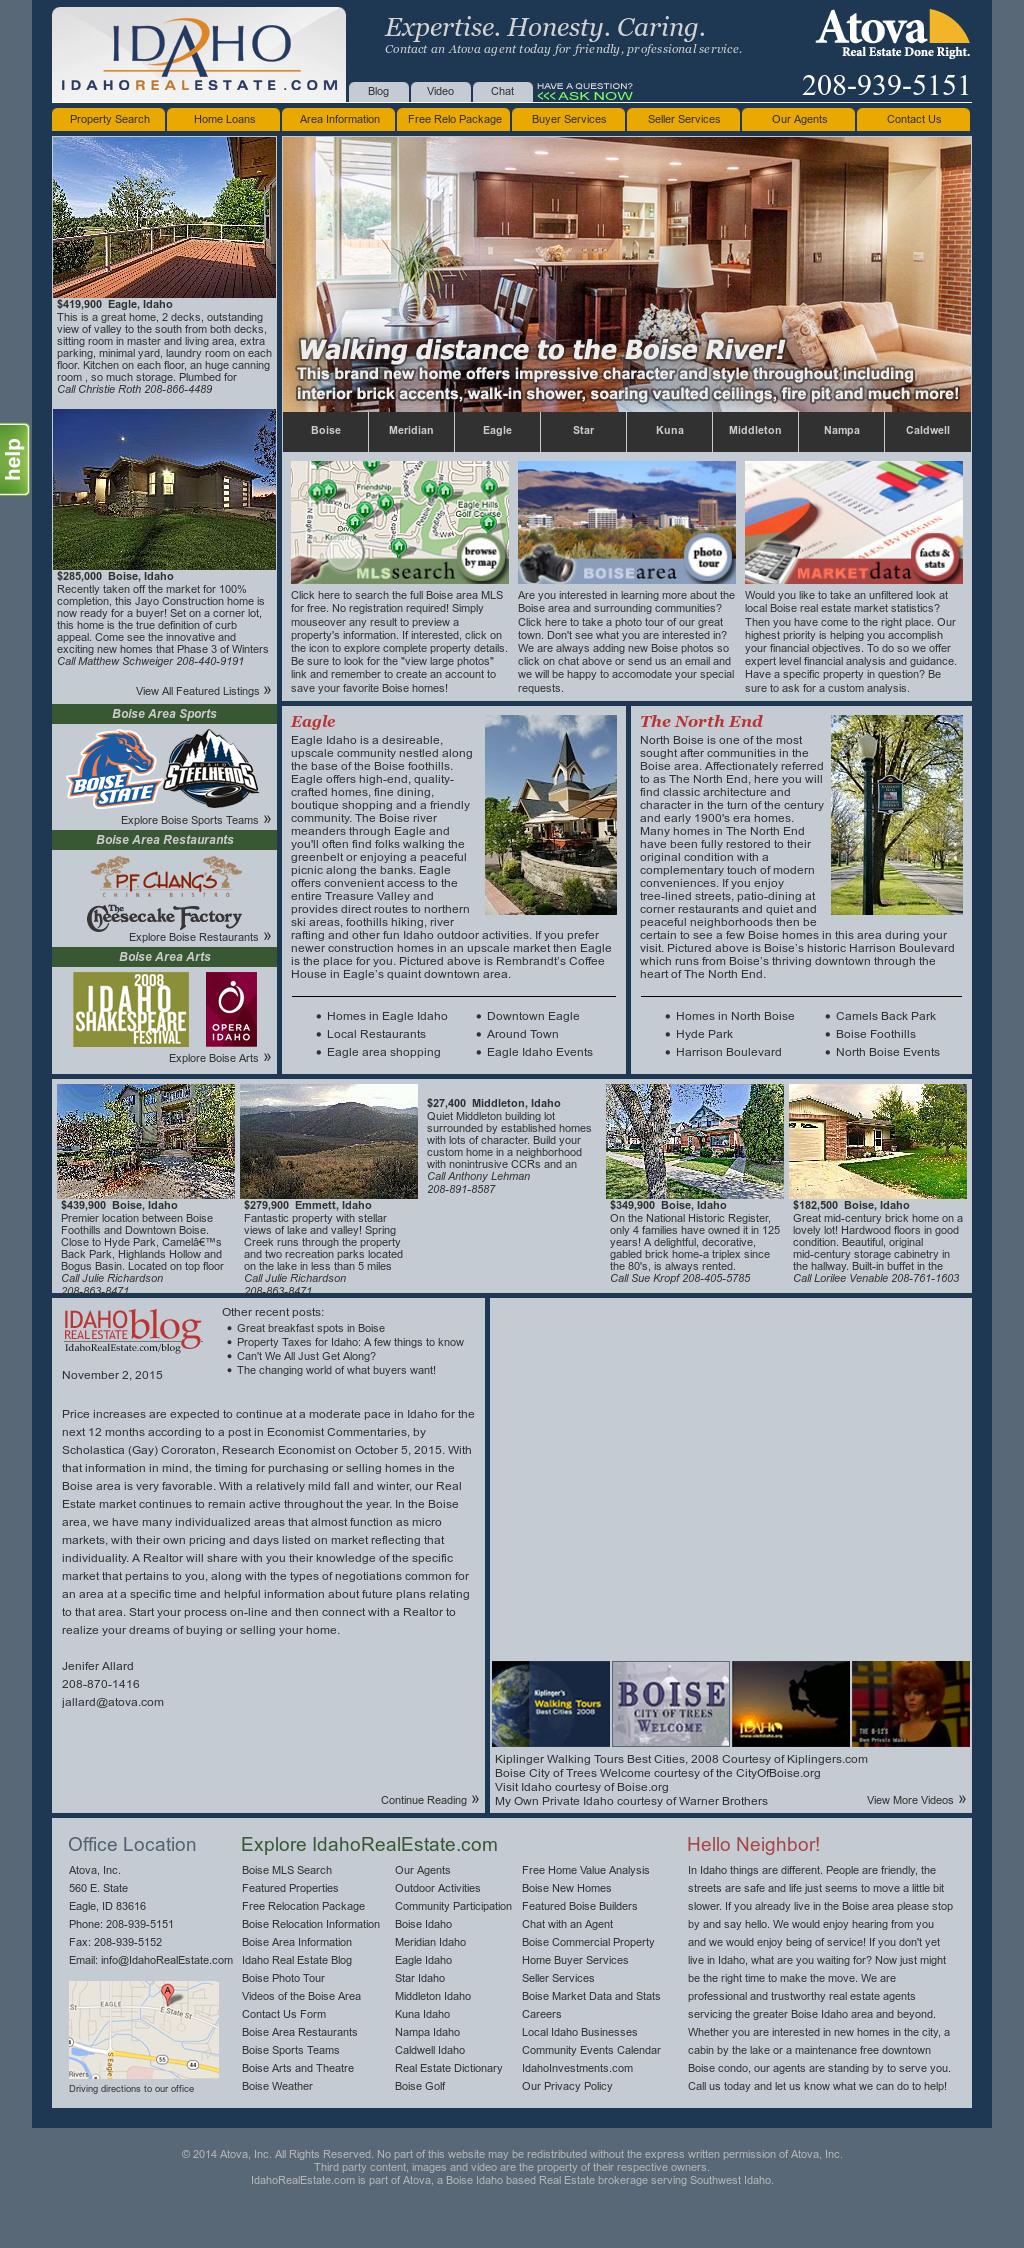 Atova Competitors, Revenue and Employees - Owler Company Profile